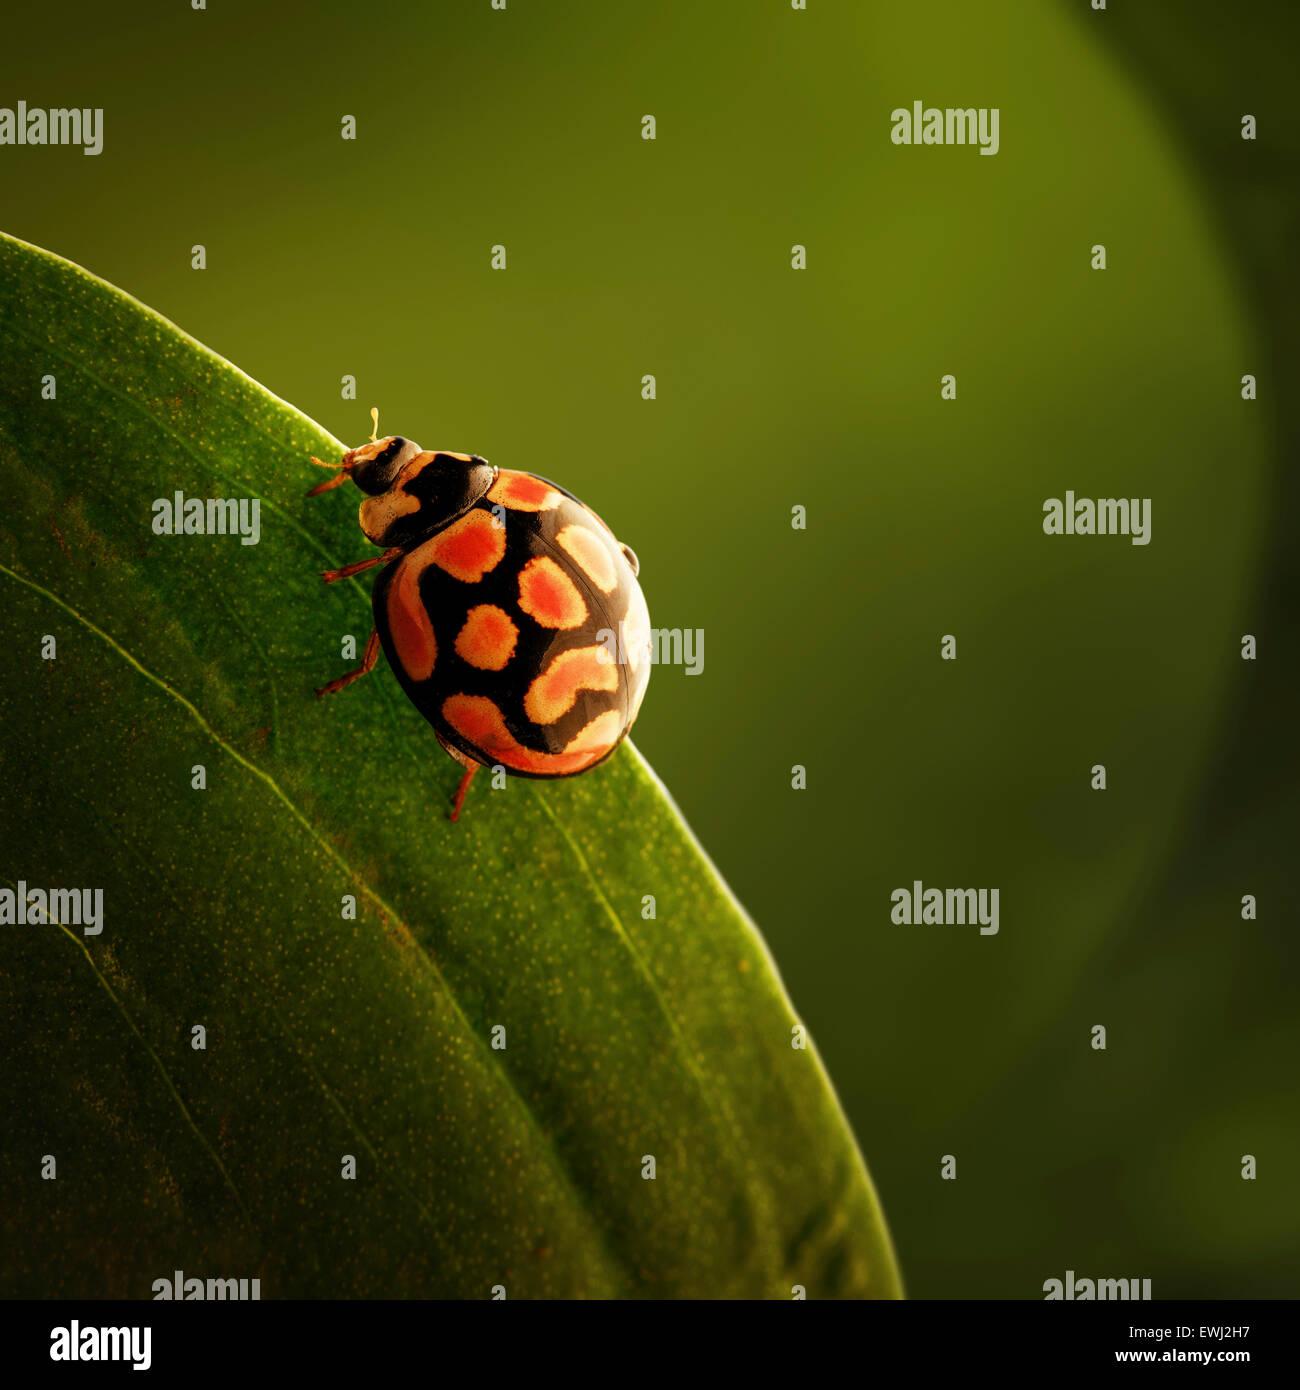 Ladybug (mariquita) arrastrándose sobre el borde de la hoja verde (Sudáfrica - Mpumalanga) Foto de stock